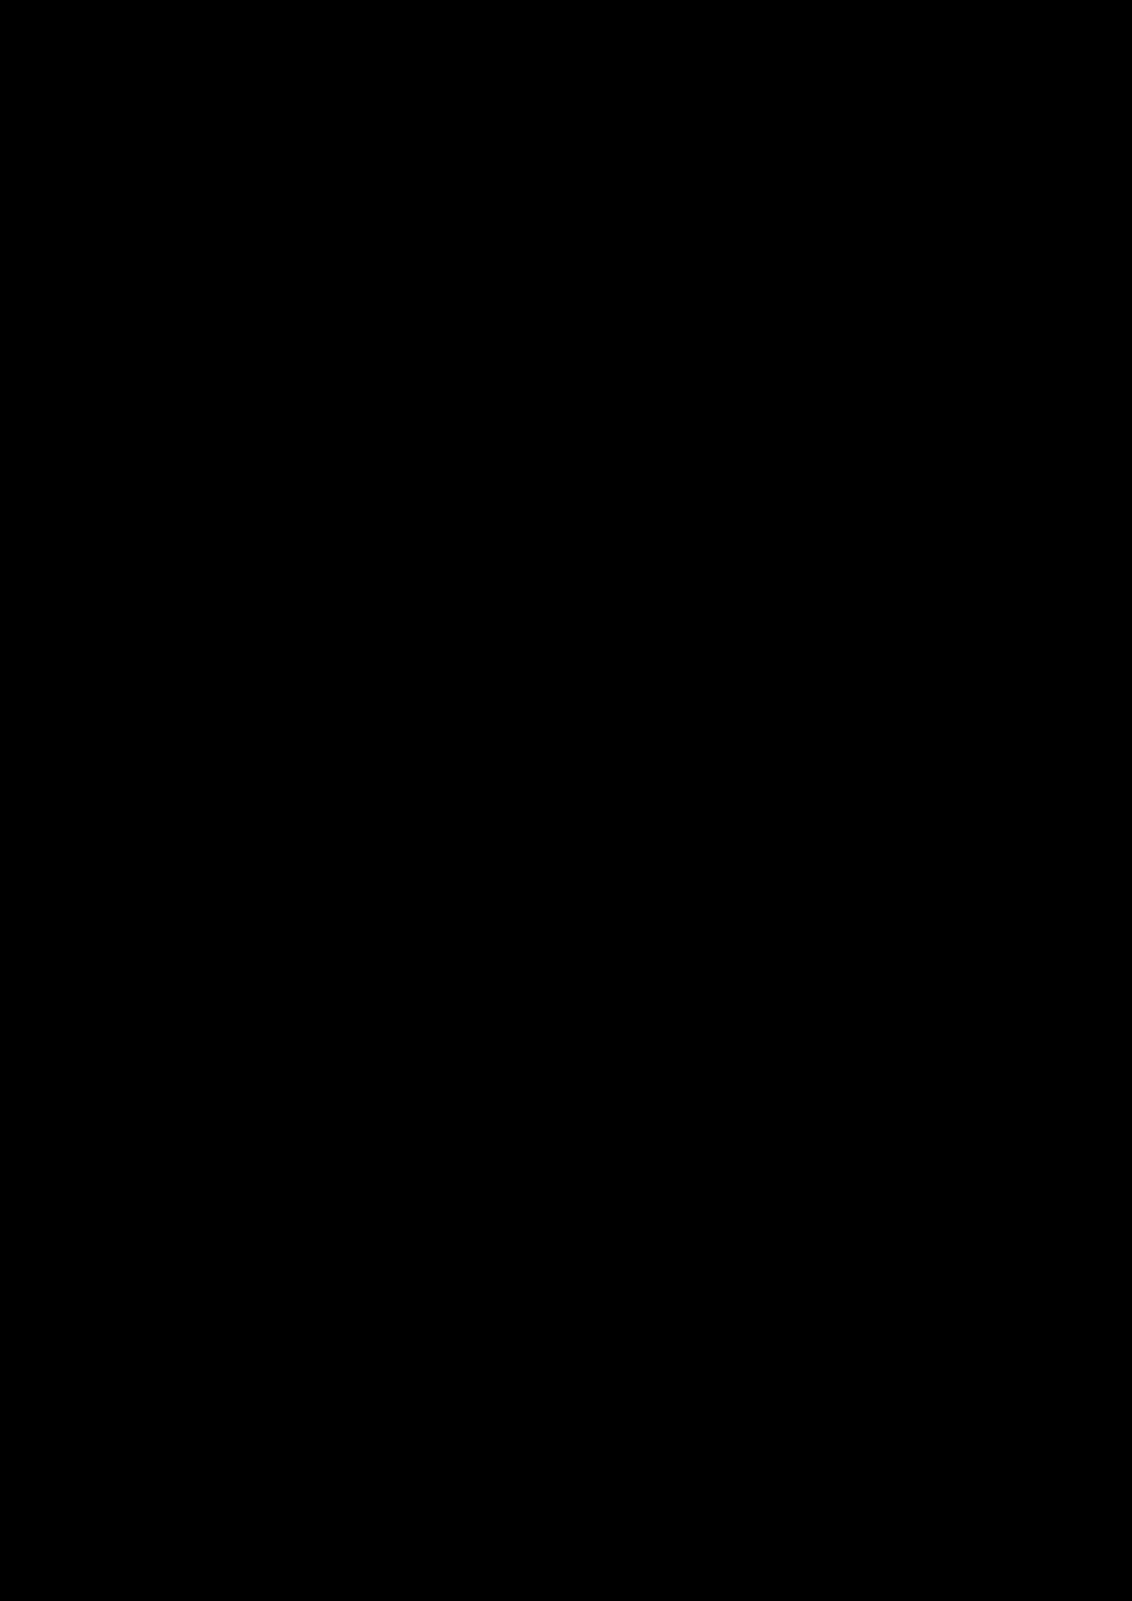 Serdtse slide, Image 12